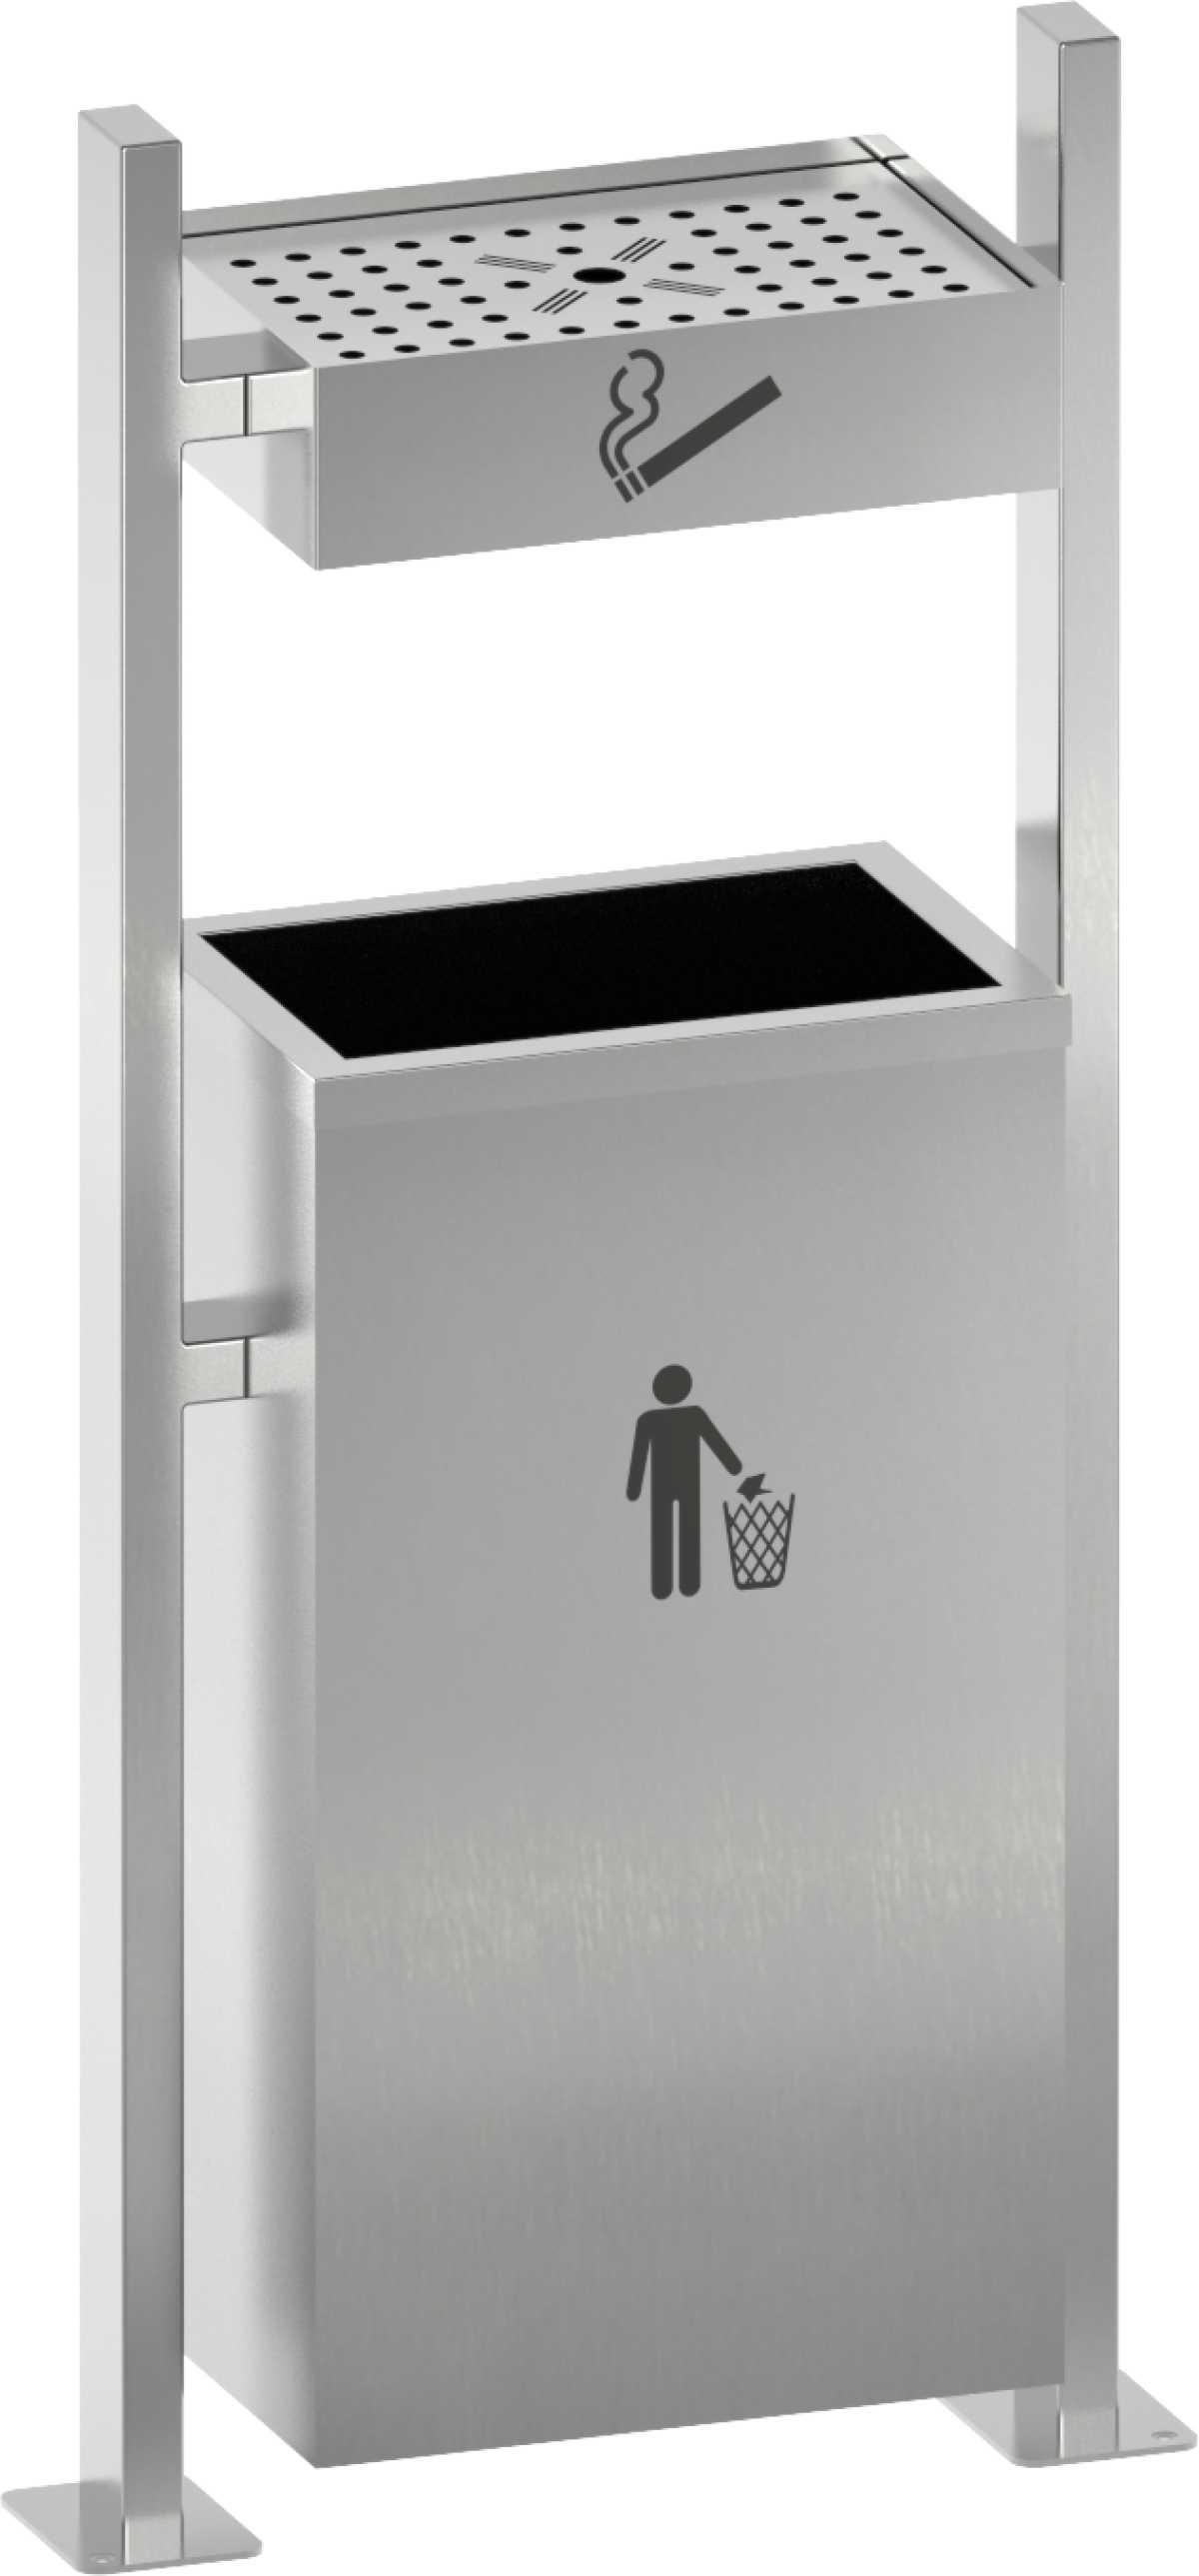 Dış Mekan Çöp Kovası